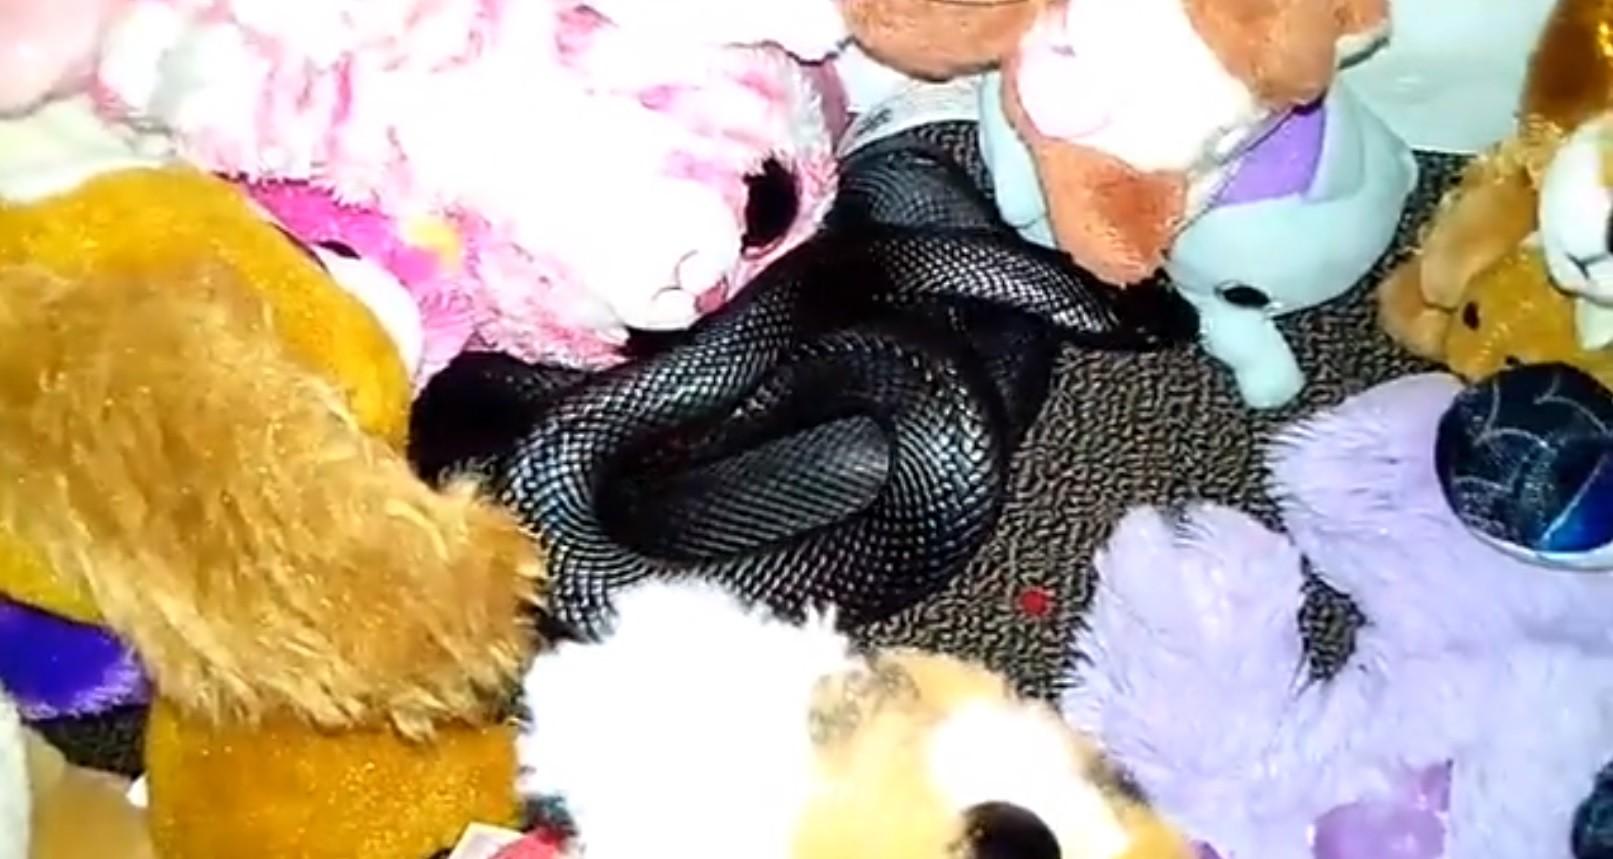 Cobra encontrada no meio dos bichinhos de pelúcia (Foto: Reprodução Facebook)